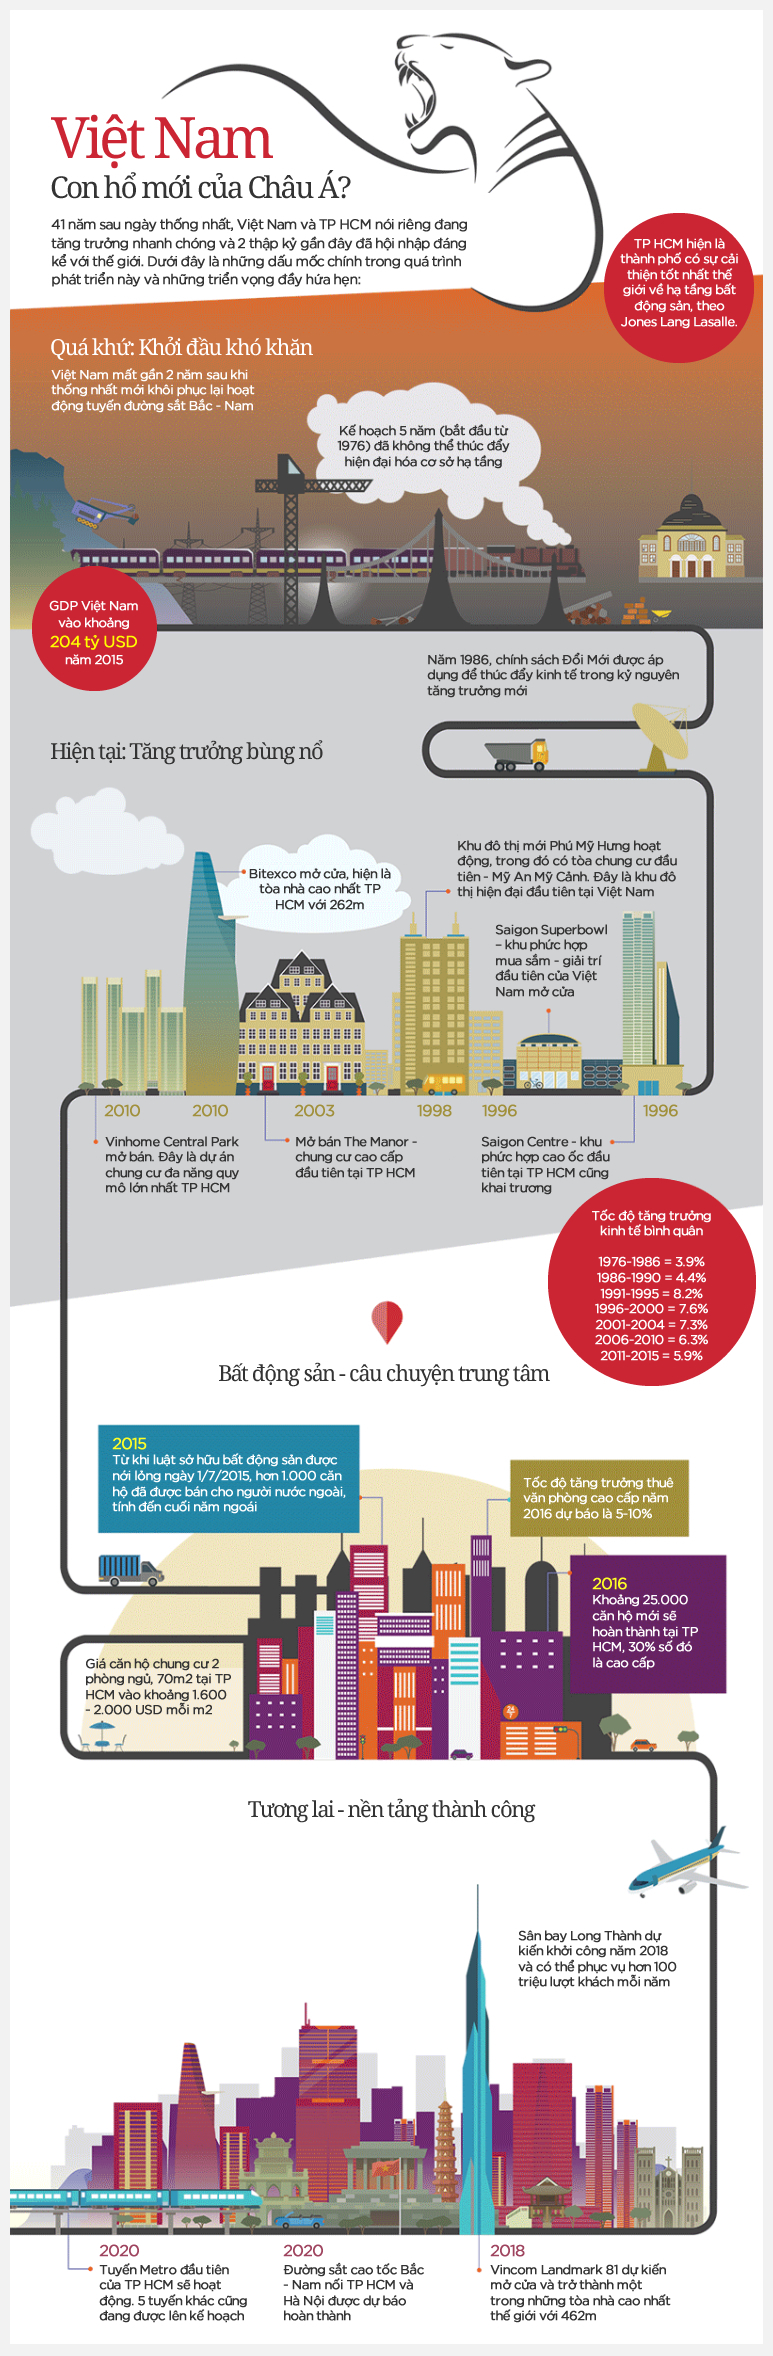 thị trường bất động sản, đầu tư nước ngoài, chính sách đổi mới, sân bay Long Thành